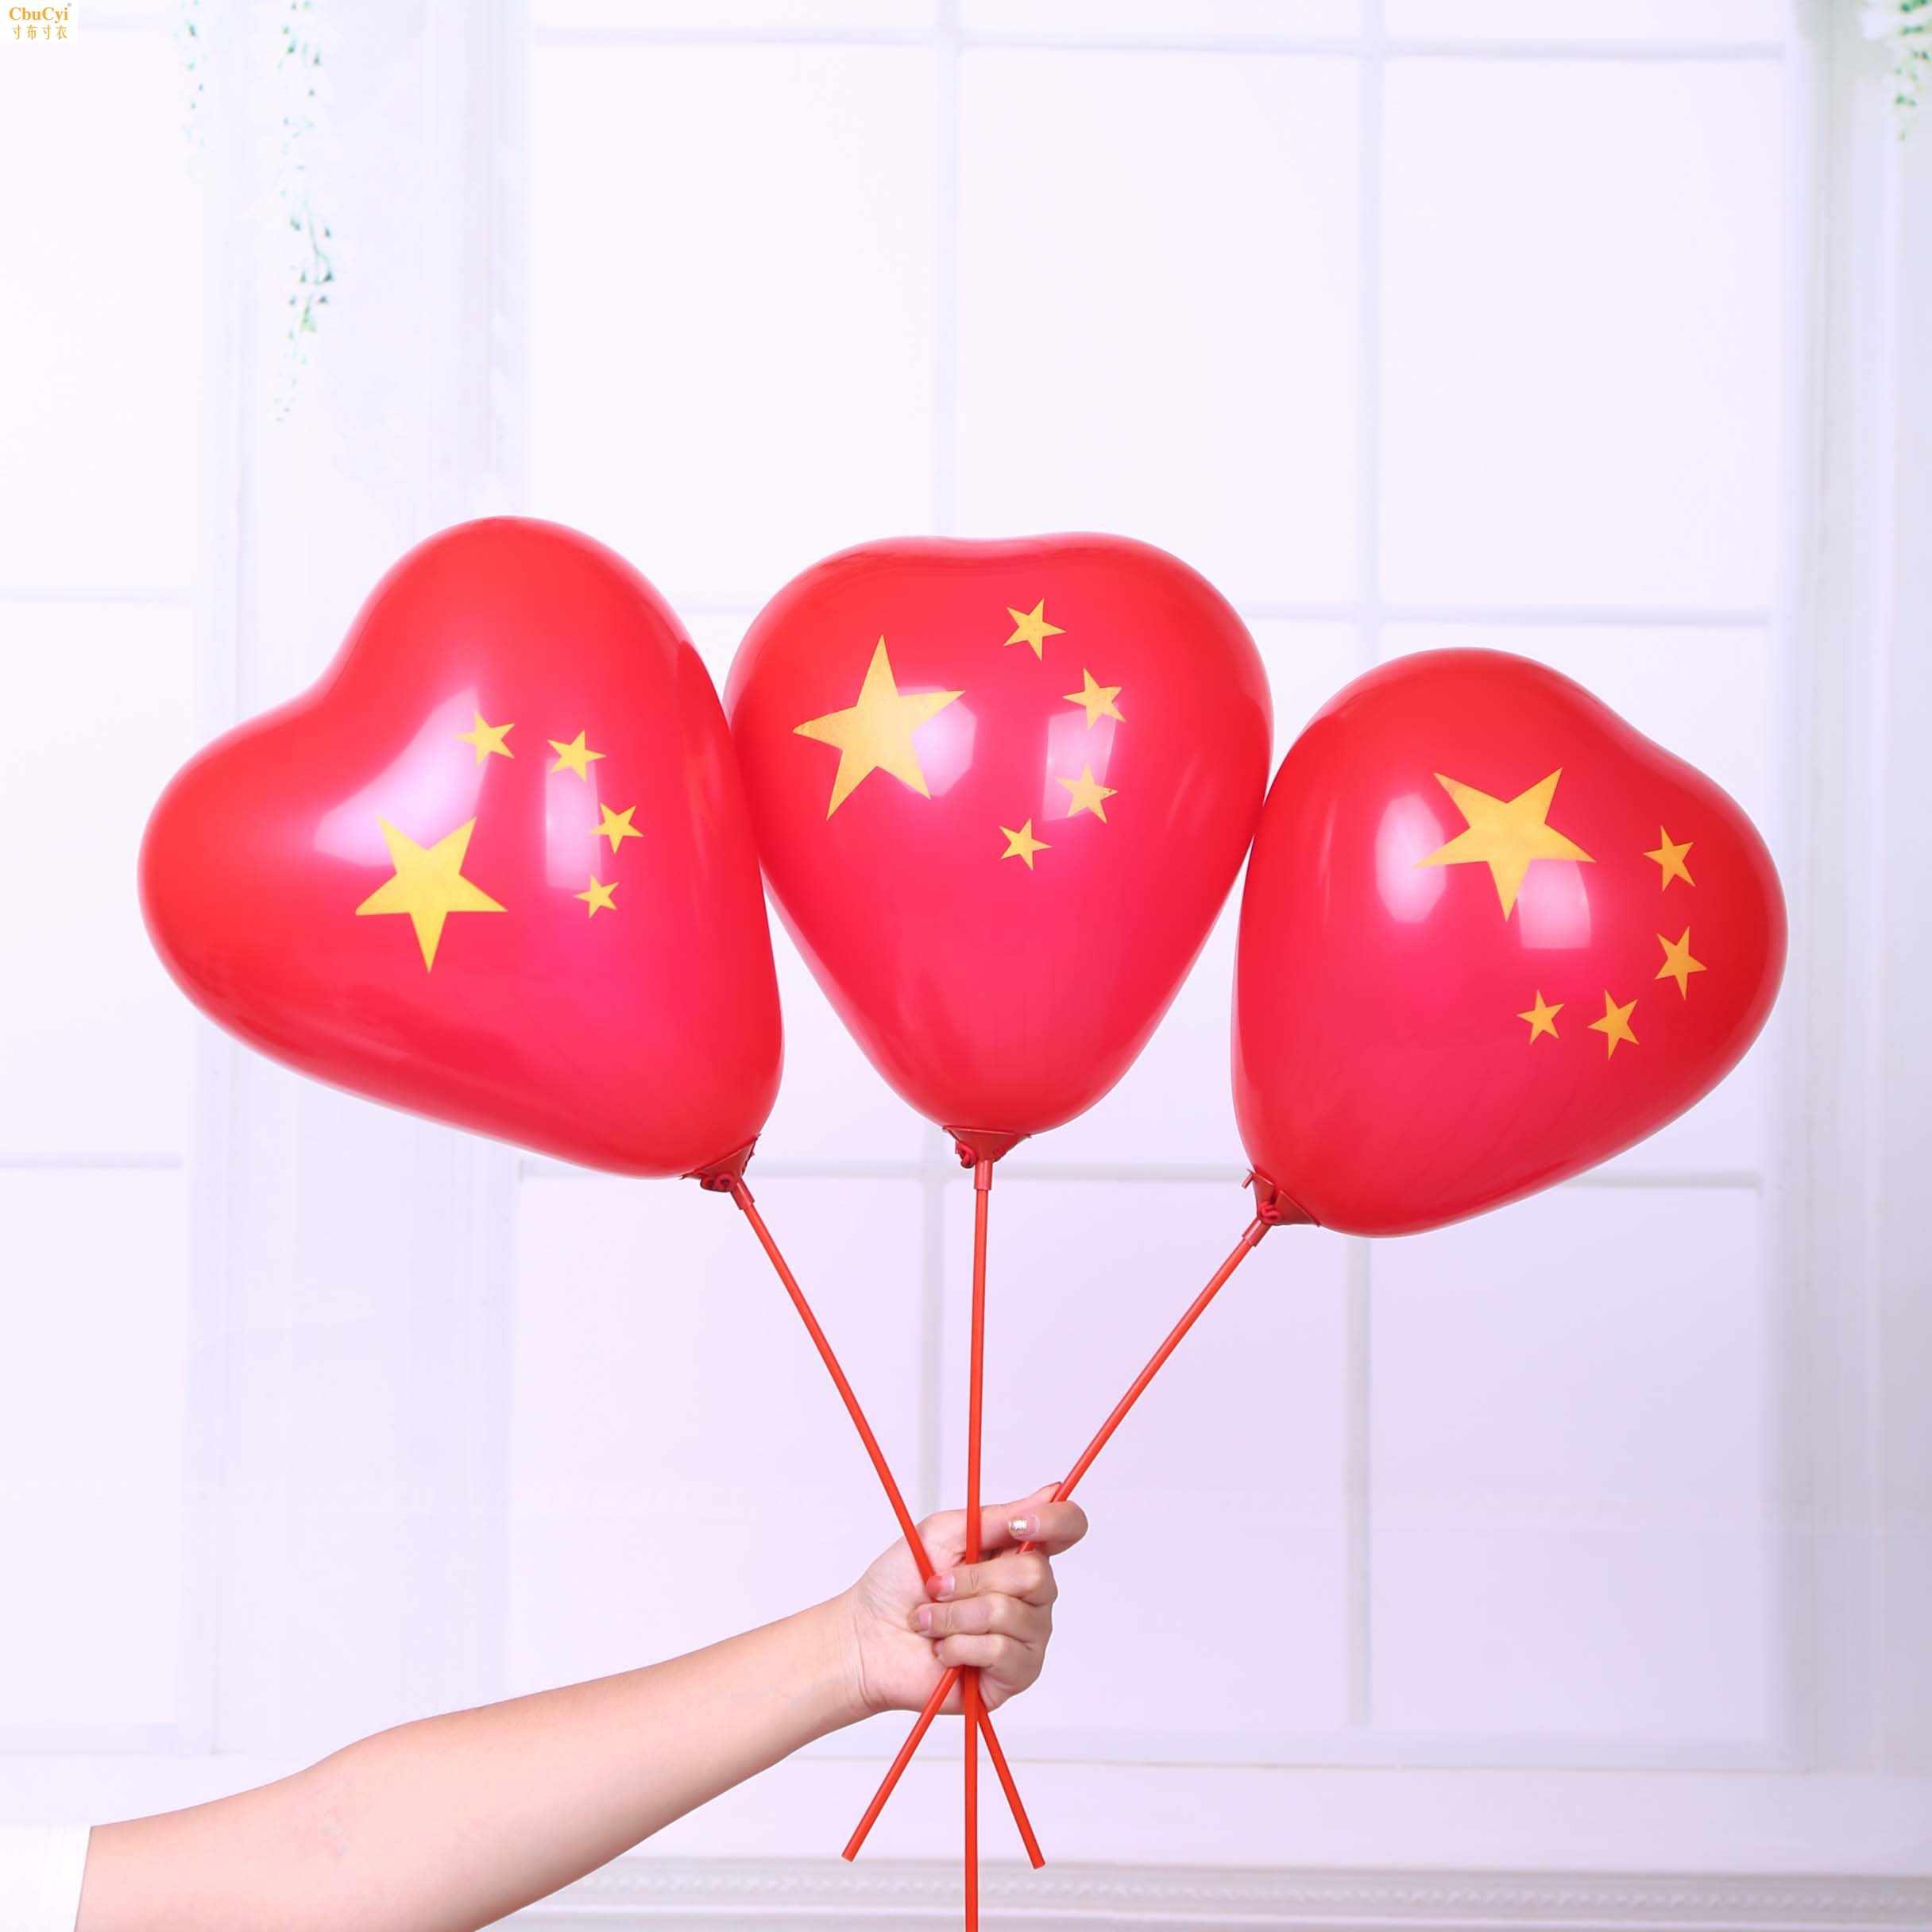 十一国庆节红色印字五角星气球用品装饰商场橱窗学校场景布置用品